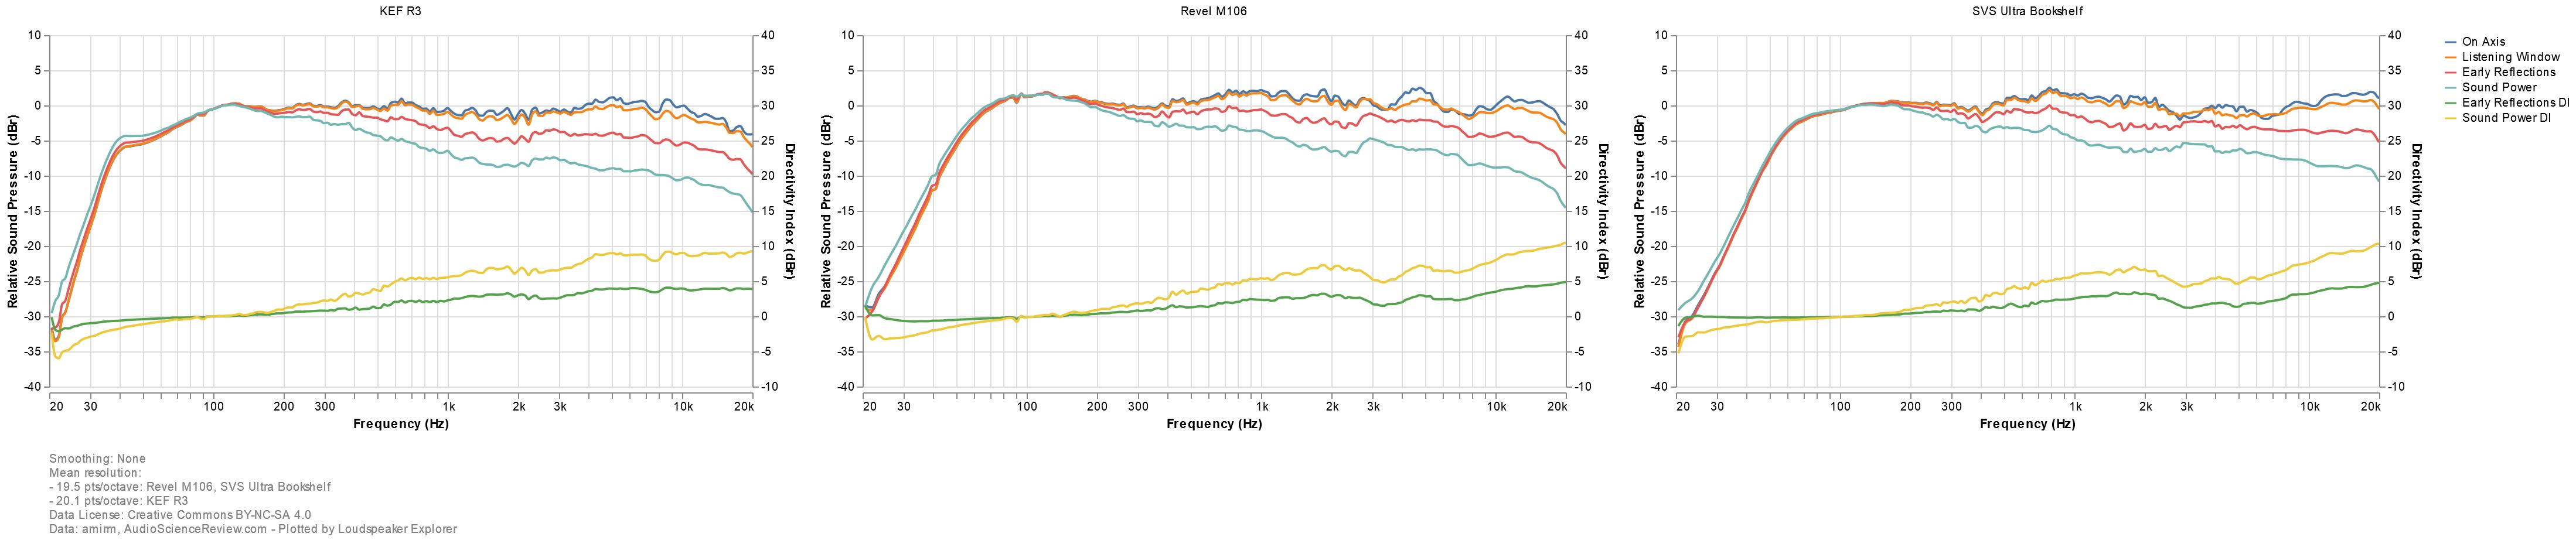 Loudspeaker Explorer chart(27).png